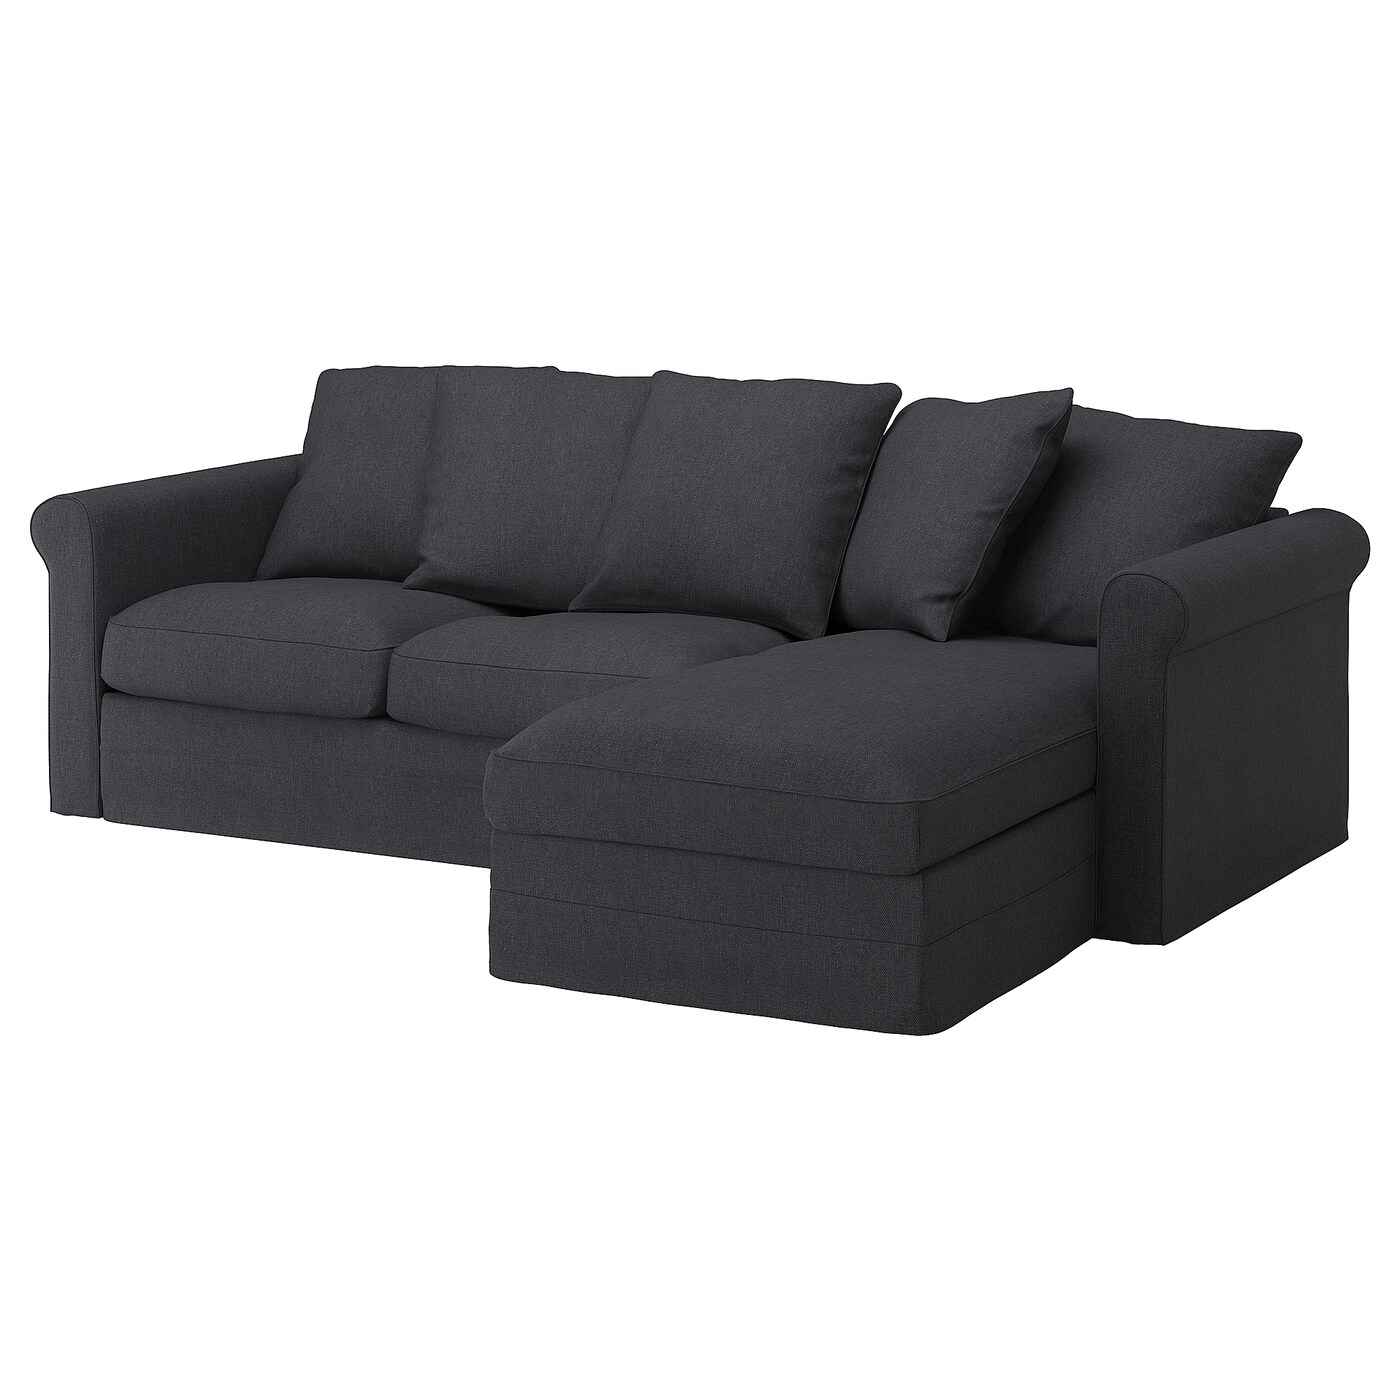 Full Size of Sofa Arten Federung Avellino Artena Sofascore Artnova Couch Bezug Polsterung Grnlid 3er Mit Rcamiere Home Affair Verstellbarer Sitztiefe Big Grau Elektrischer Sofa Sofa Arten